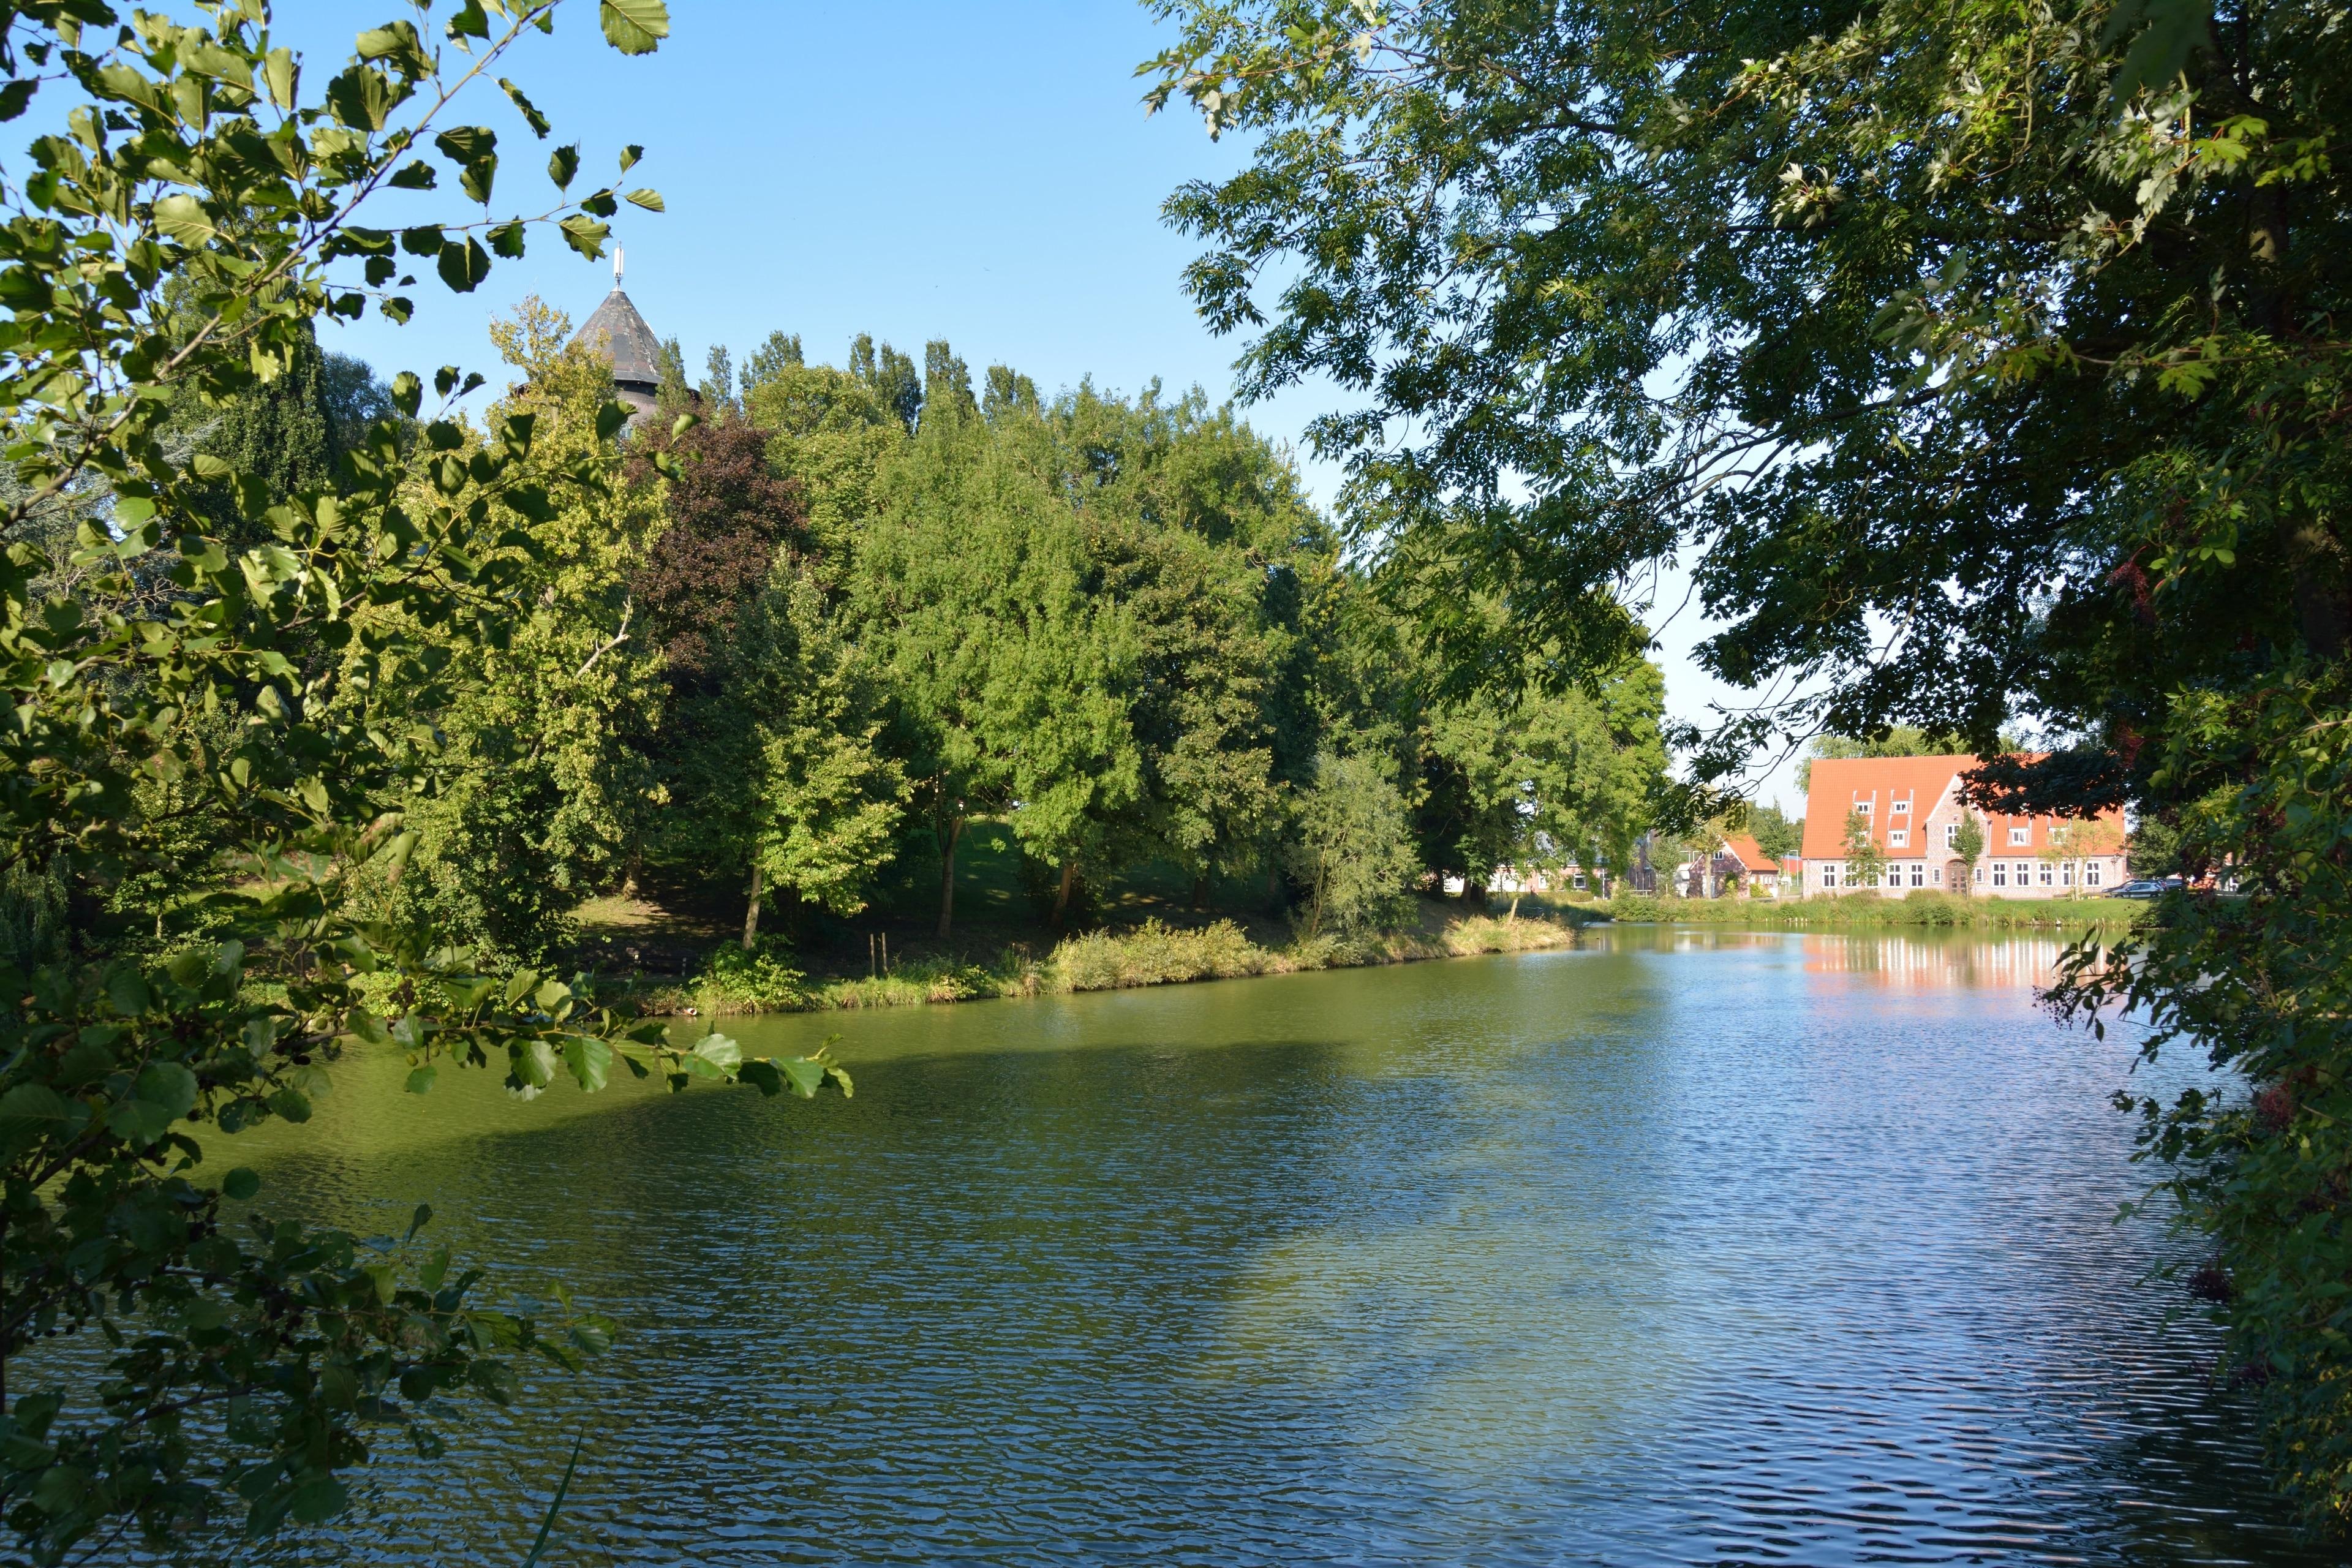 Krempe, Schleswig-Holstein, Germany